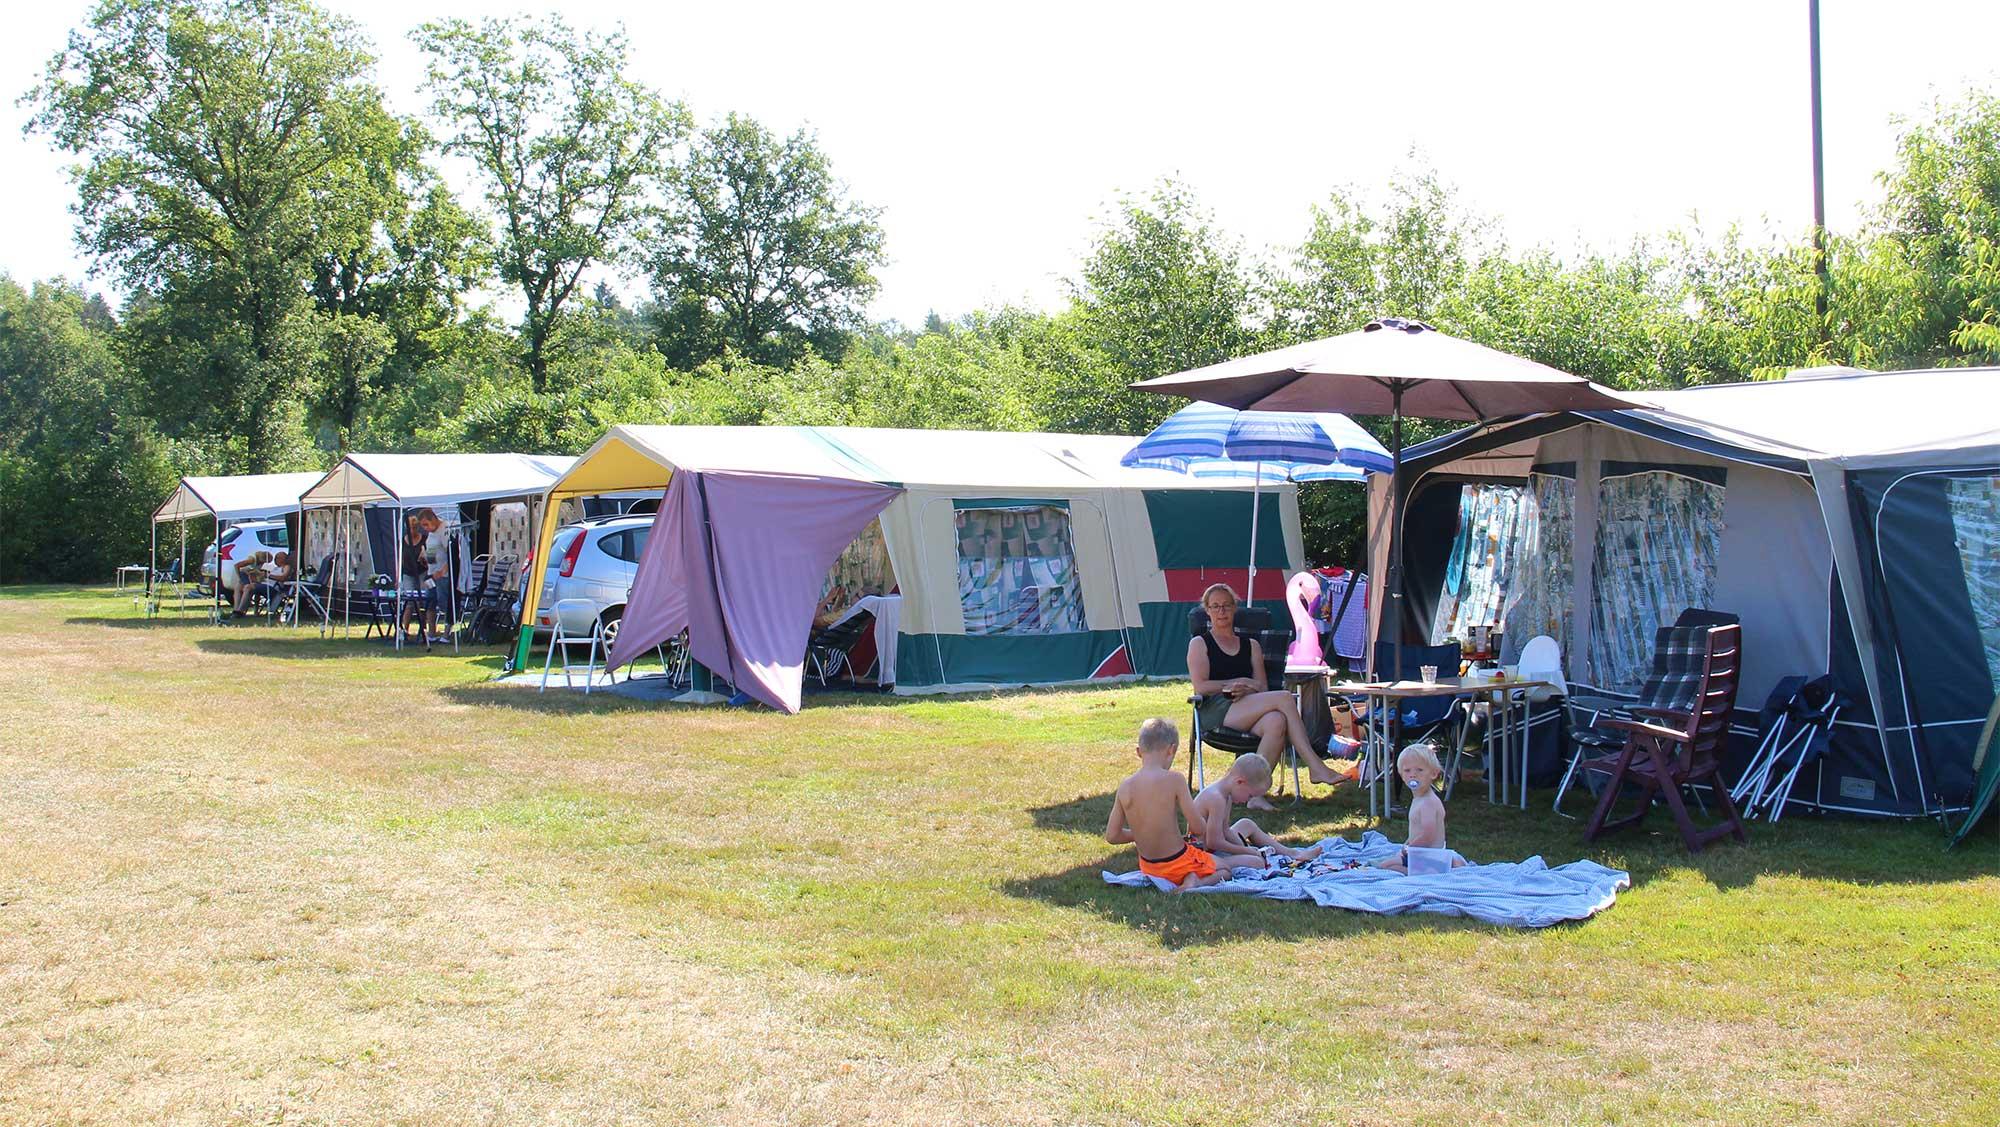 Molecaten Park Het Landschap 09 kamperen